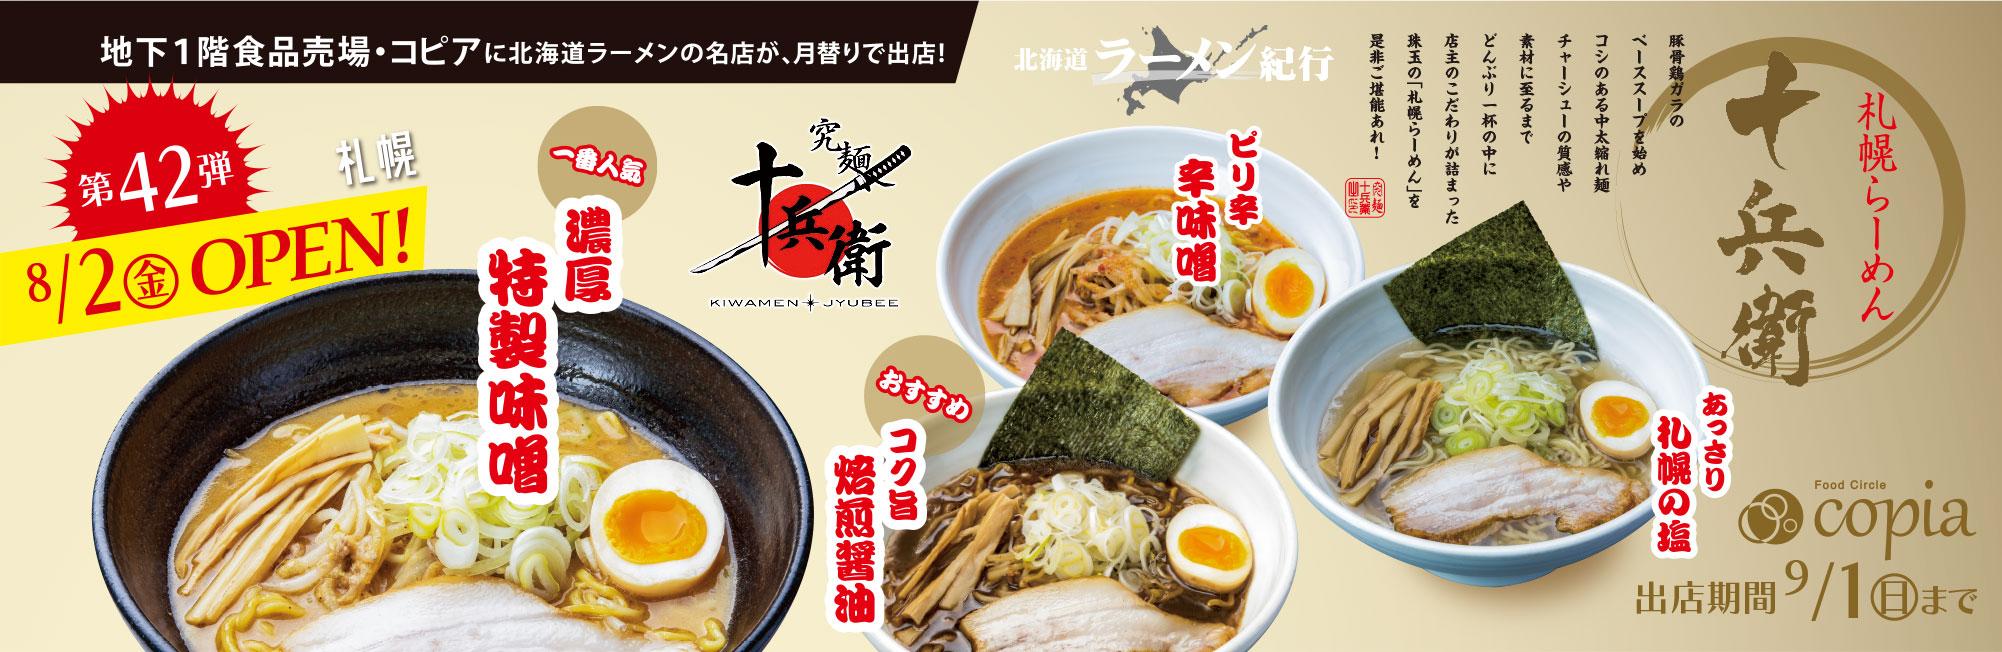 Feeeal ASHAHIKAWA 北海道ラーメン紀行 「究麺 十兵衛」